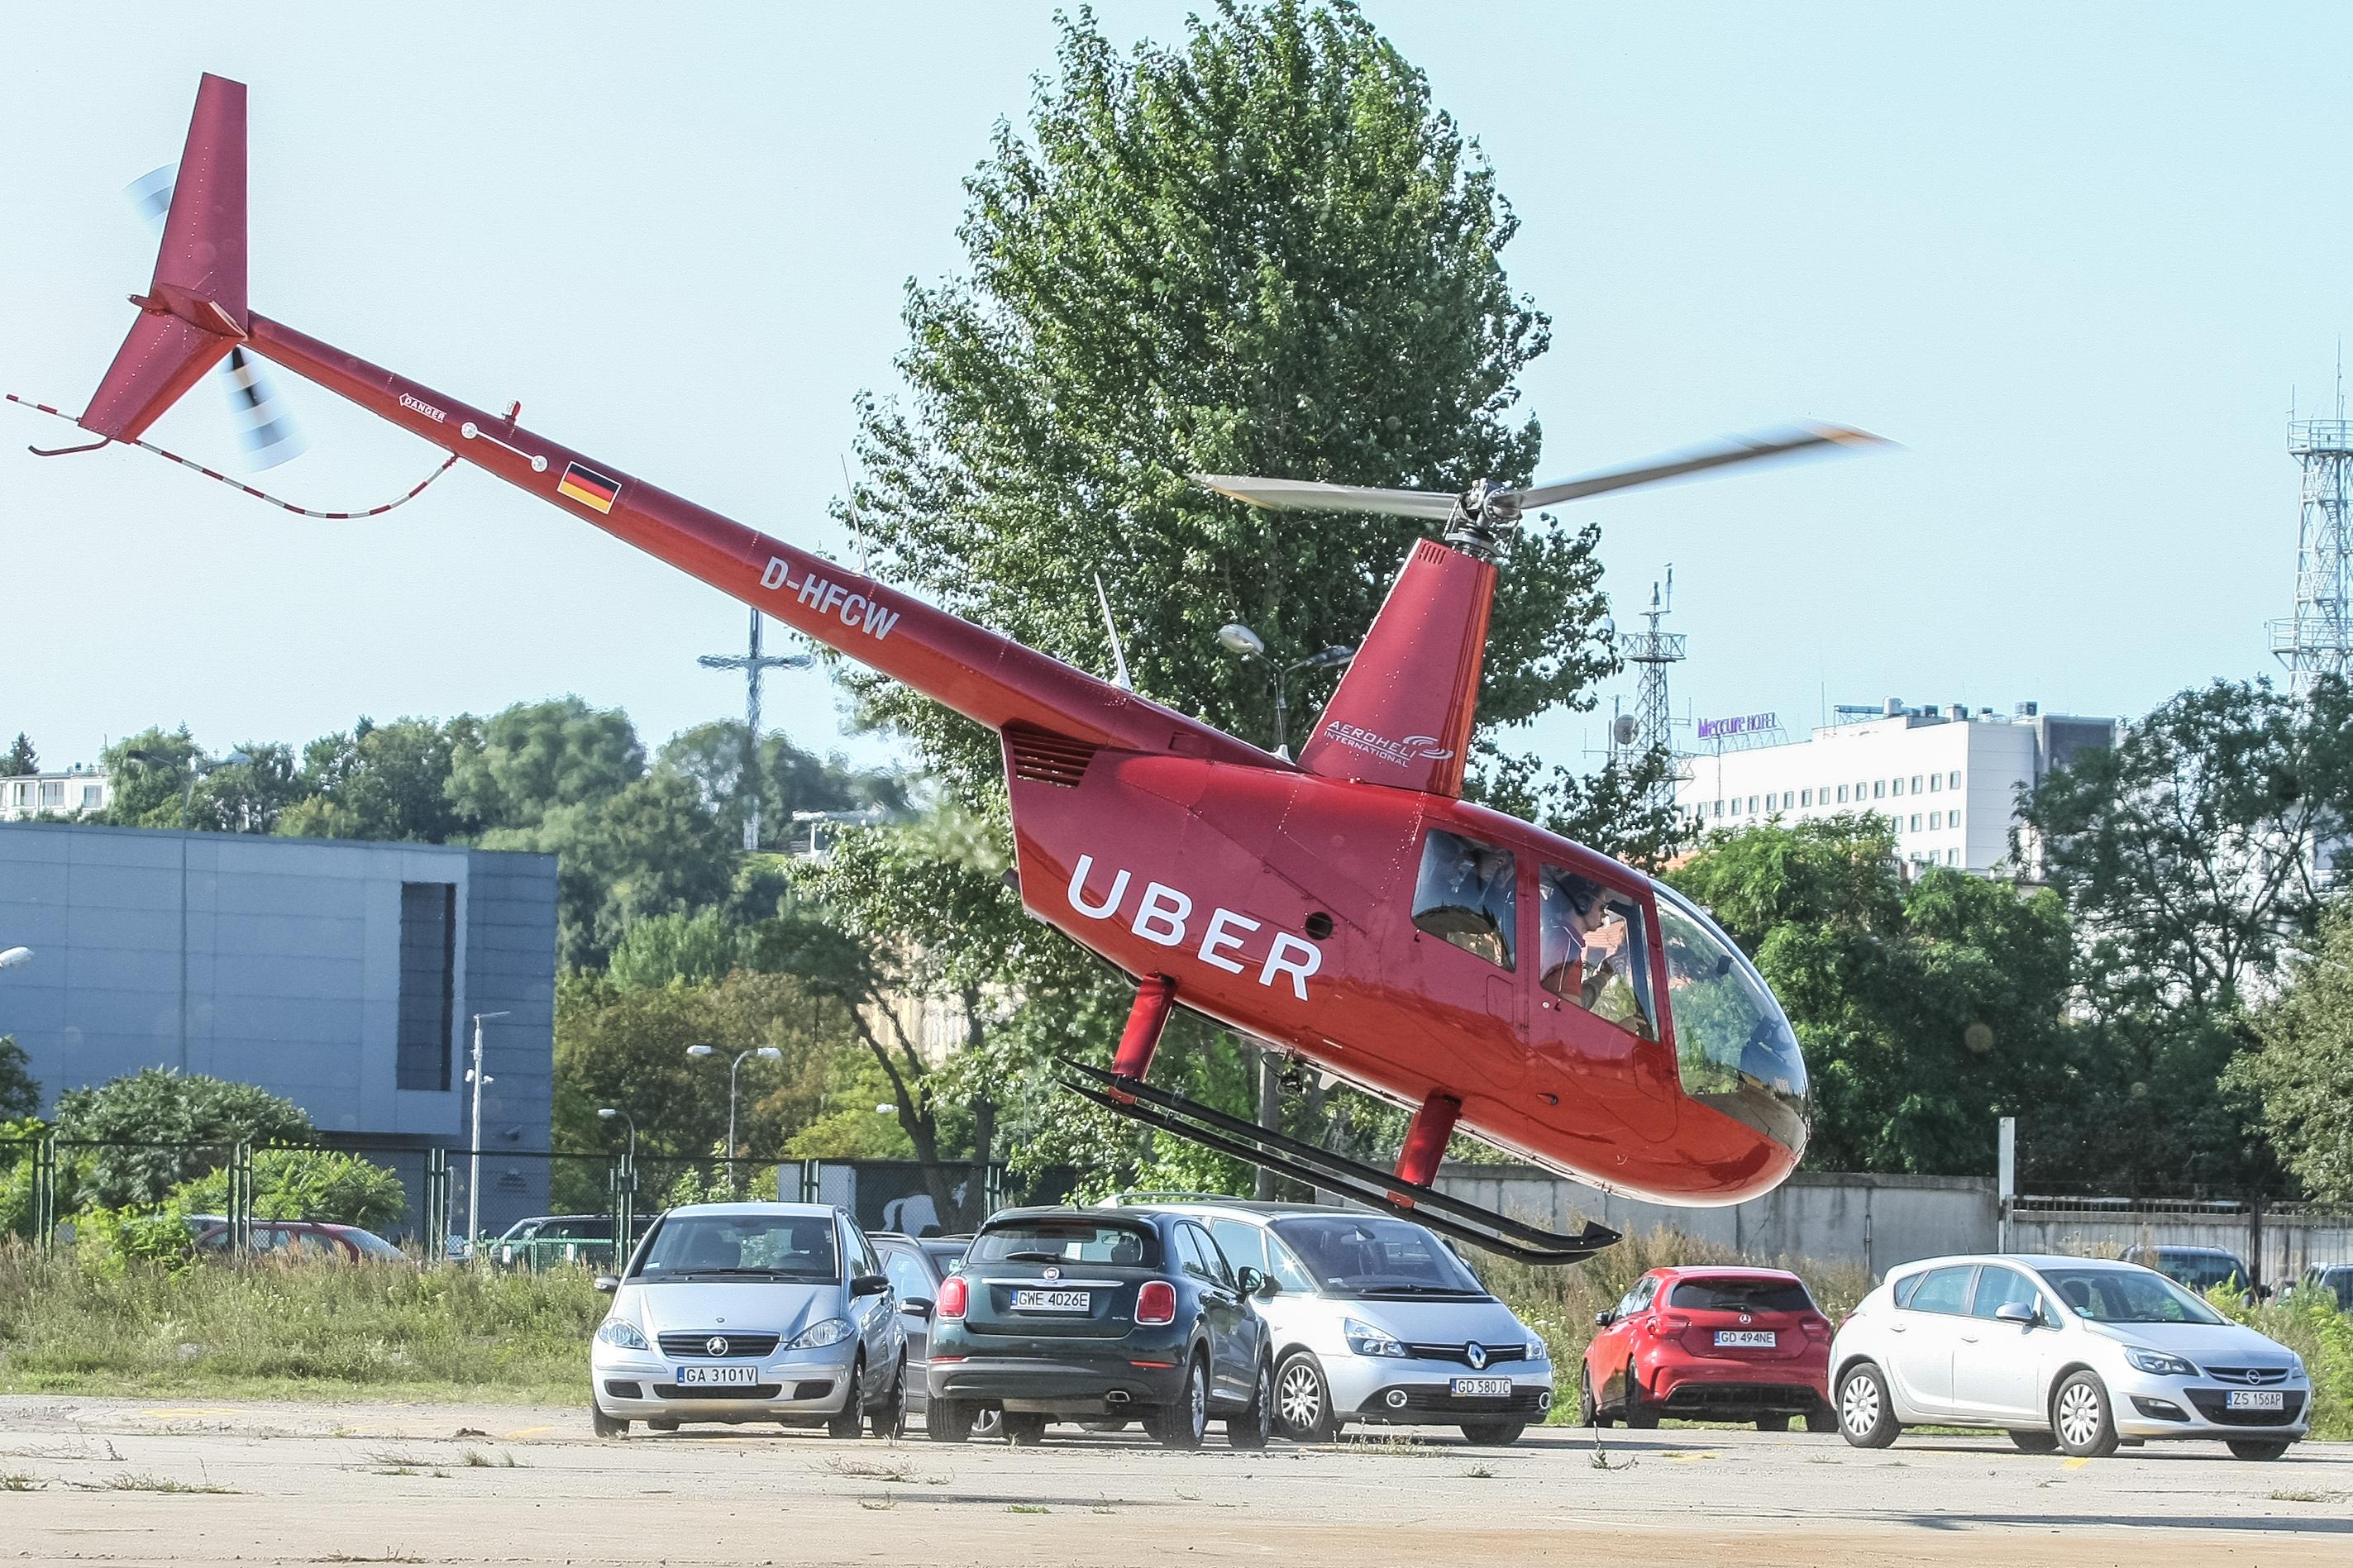 Uber Chopper in Gdynia